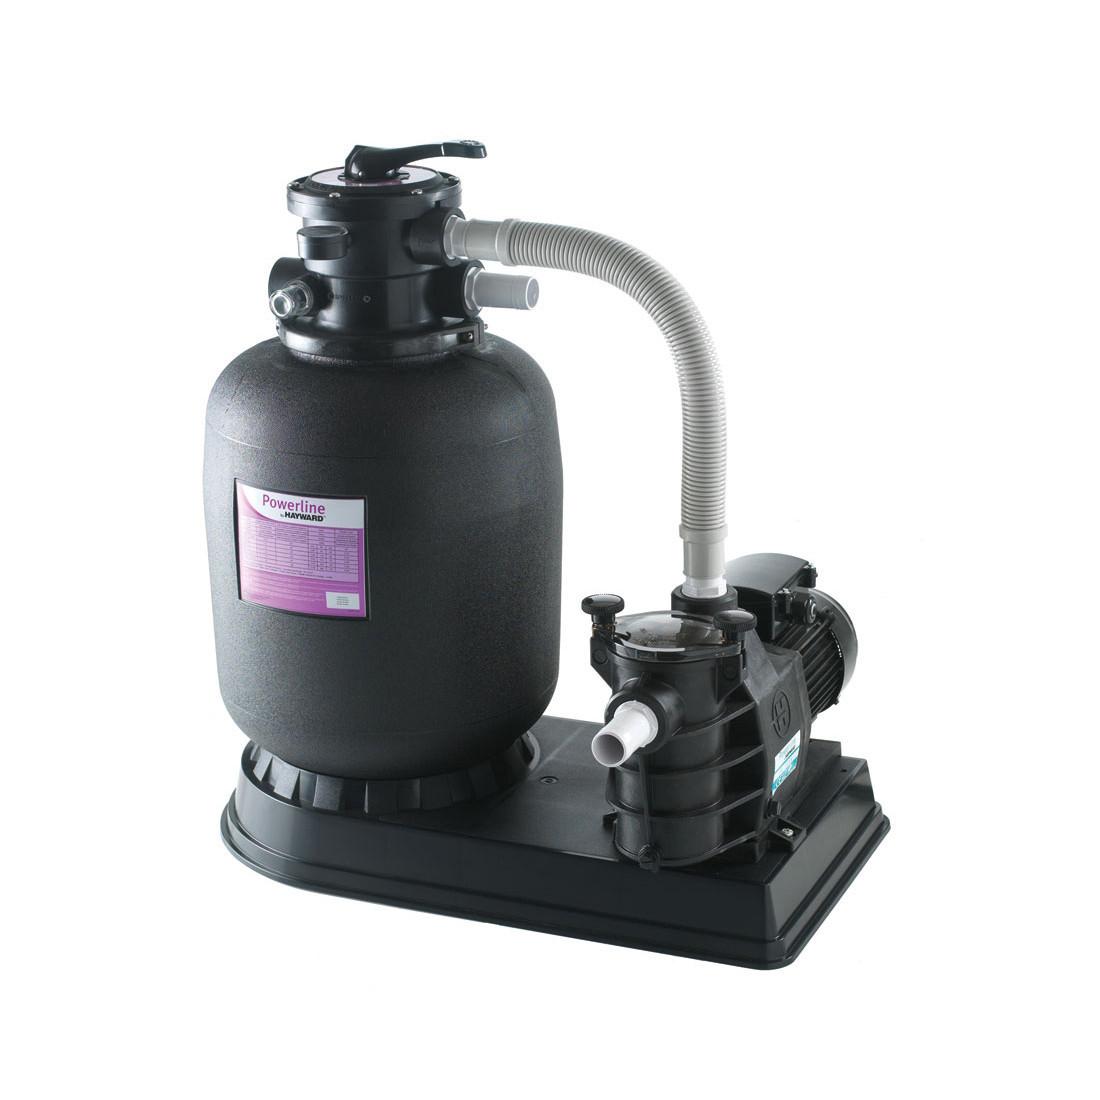 Фильтрационная установка Hayward PowerLine 81070 (6 м3/ч) для бассейна с объёмом воды до 24 м3